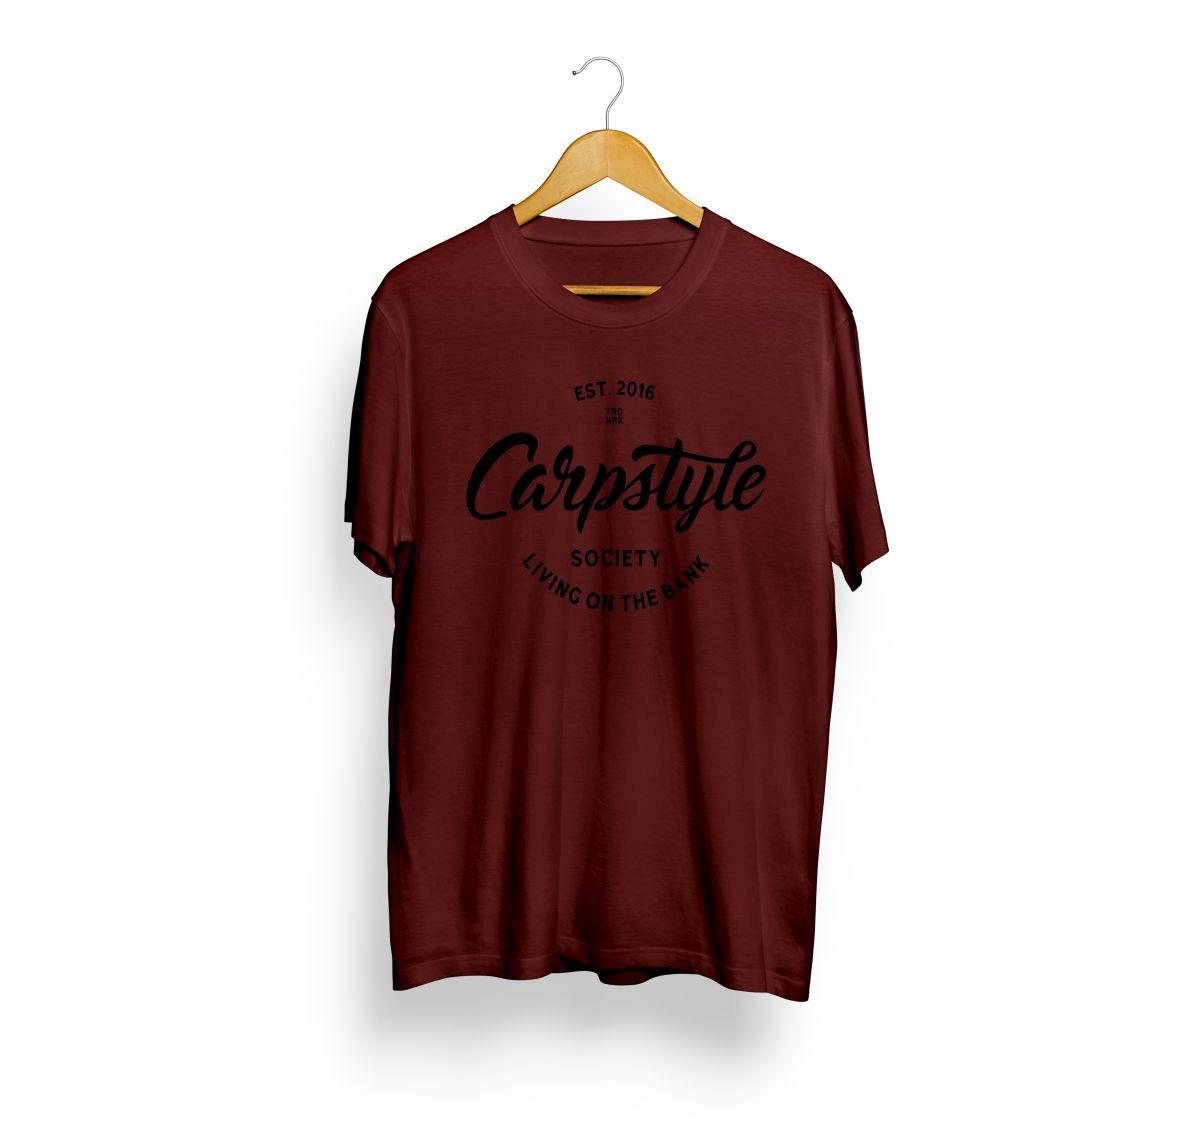 CARPSTYLE T-Shirt 2018 - Burgundy - M